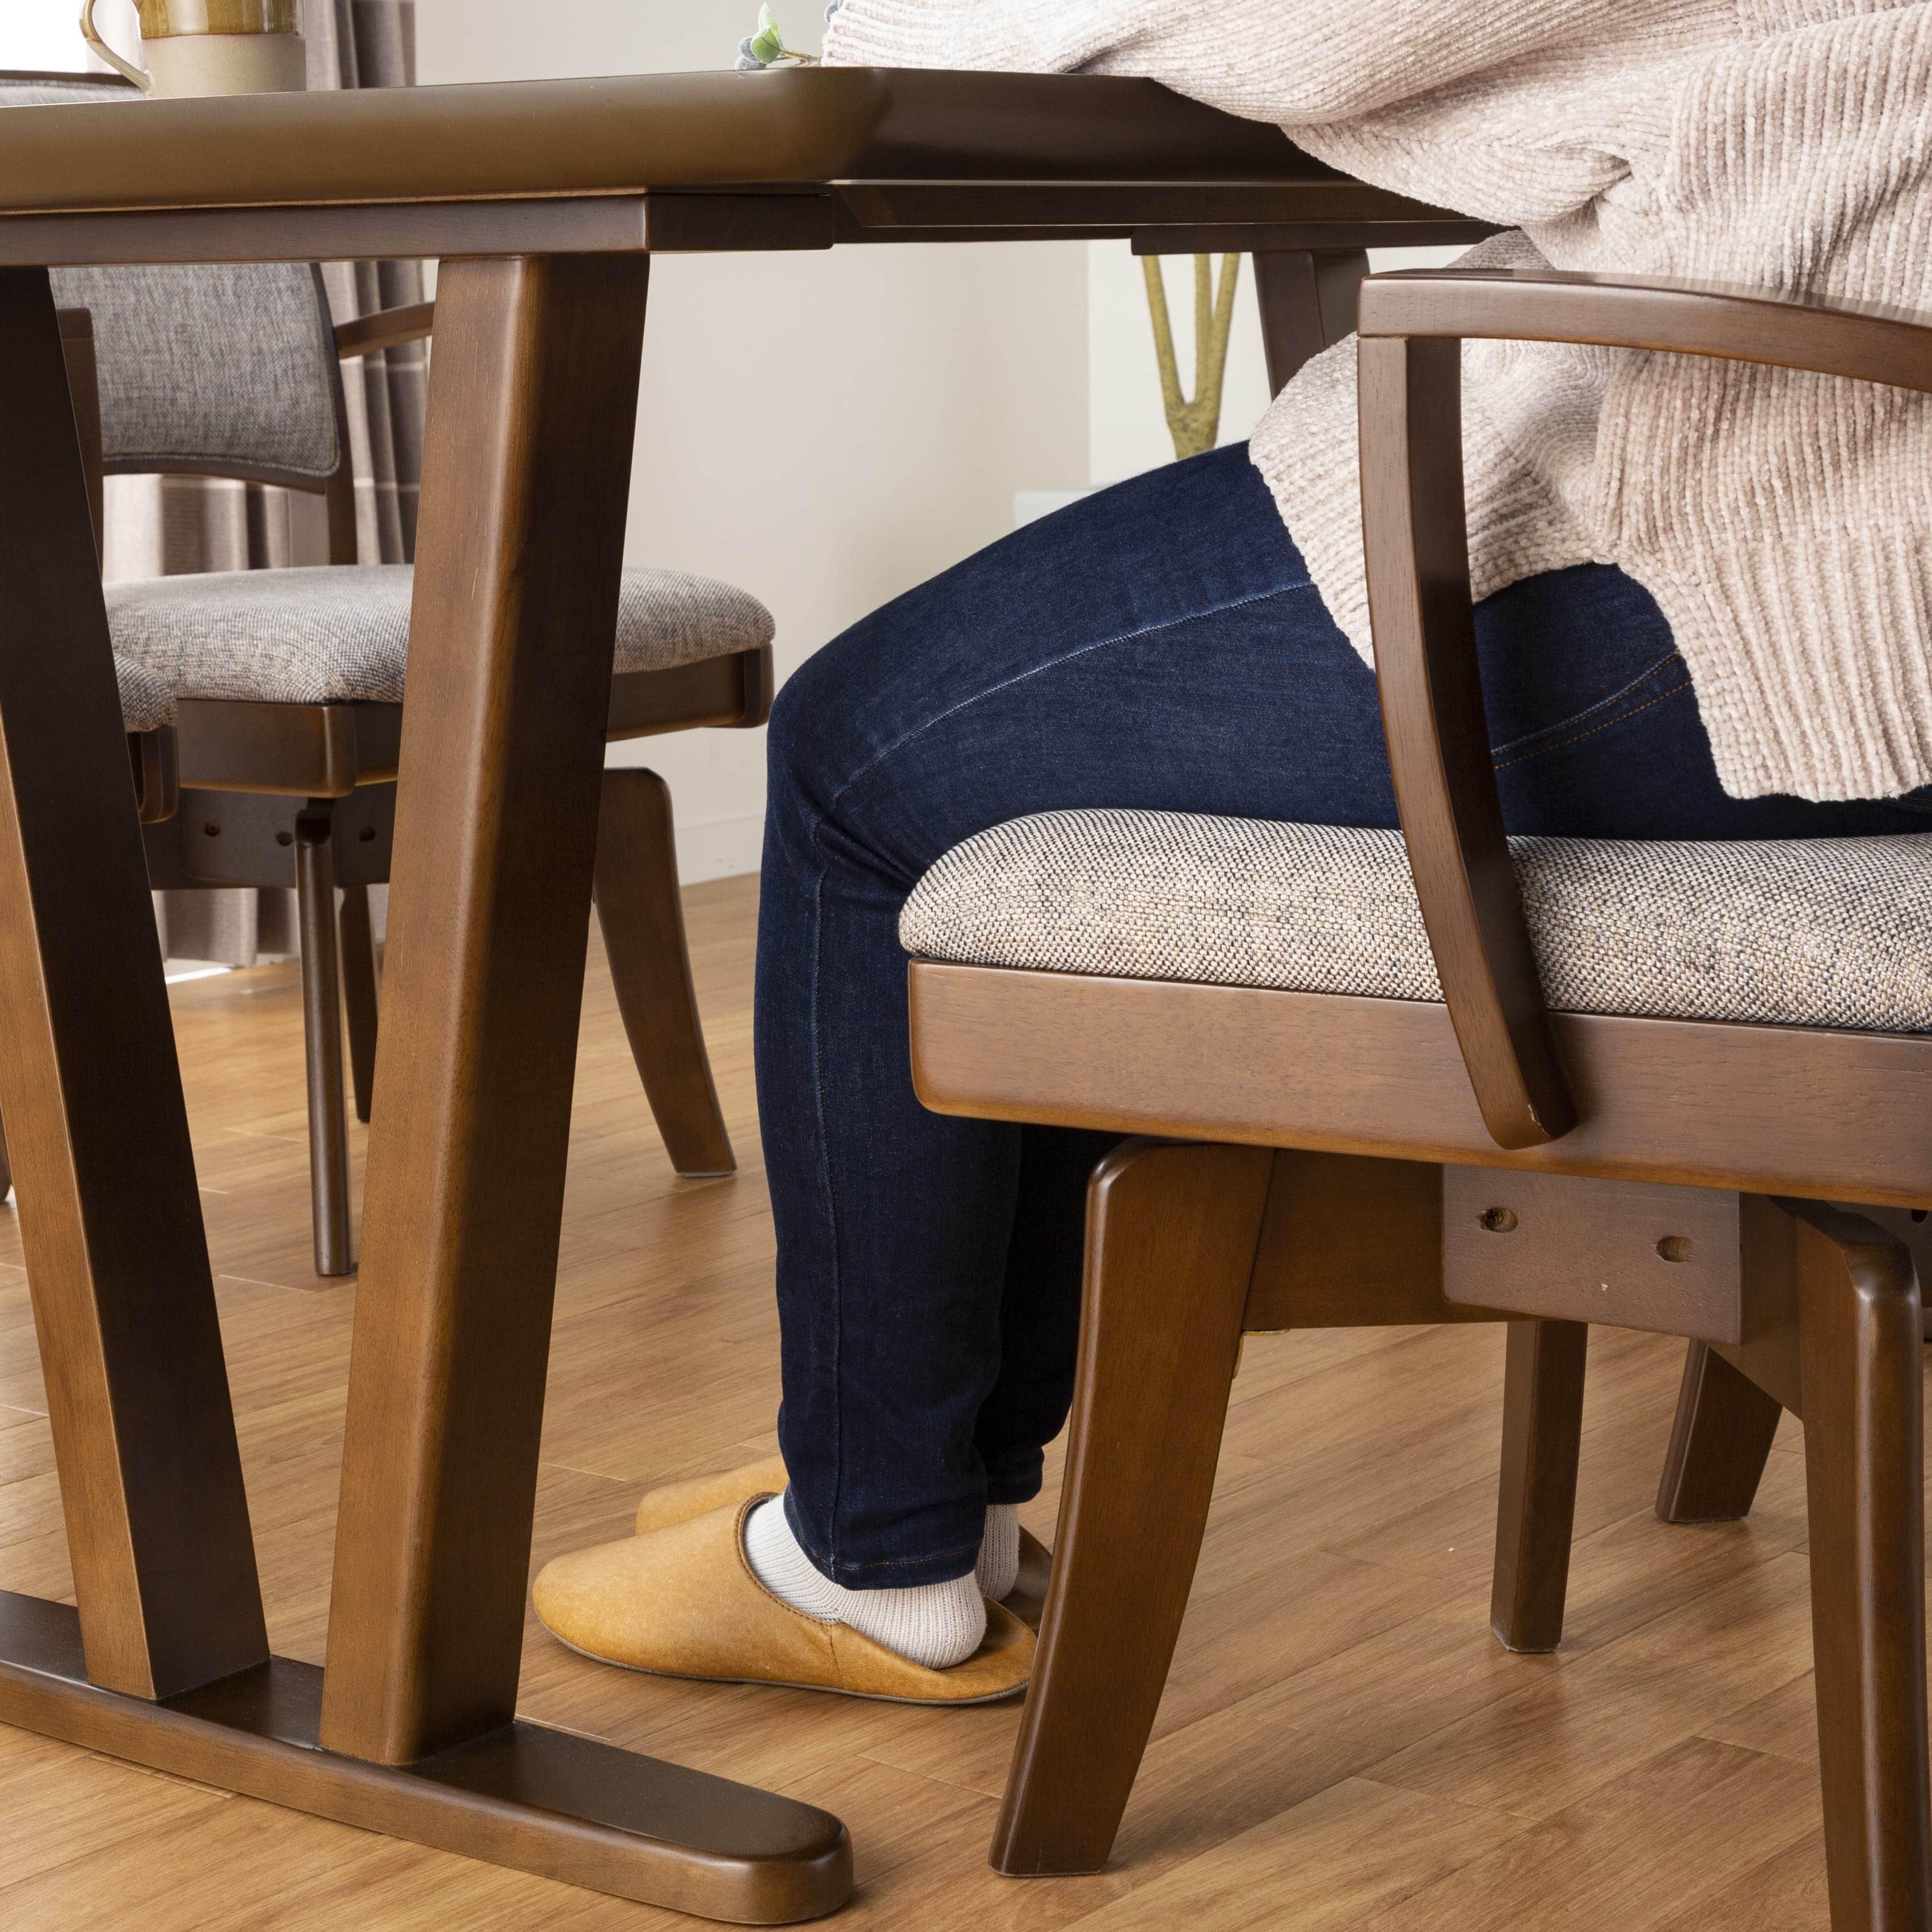 ダイニングテーブル ラクレット 165:圧迫感のない見た目